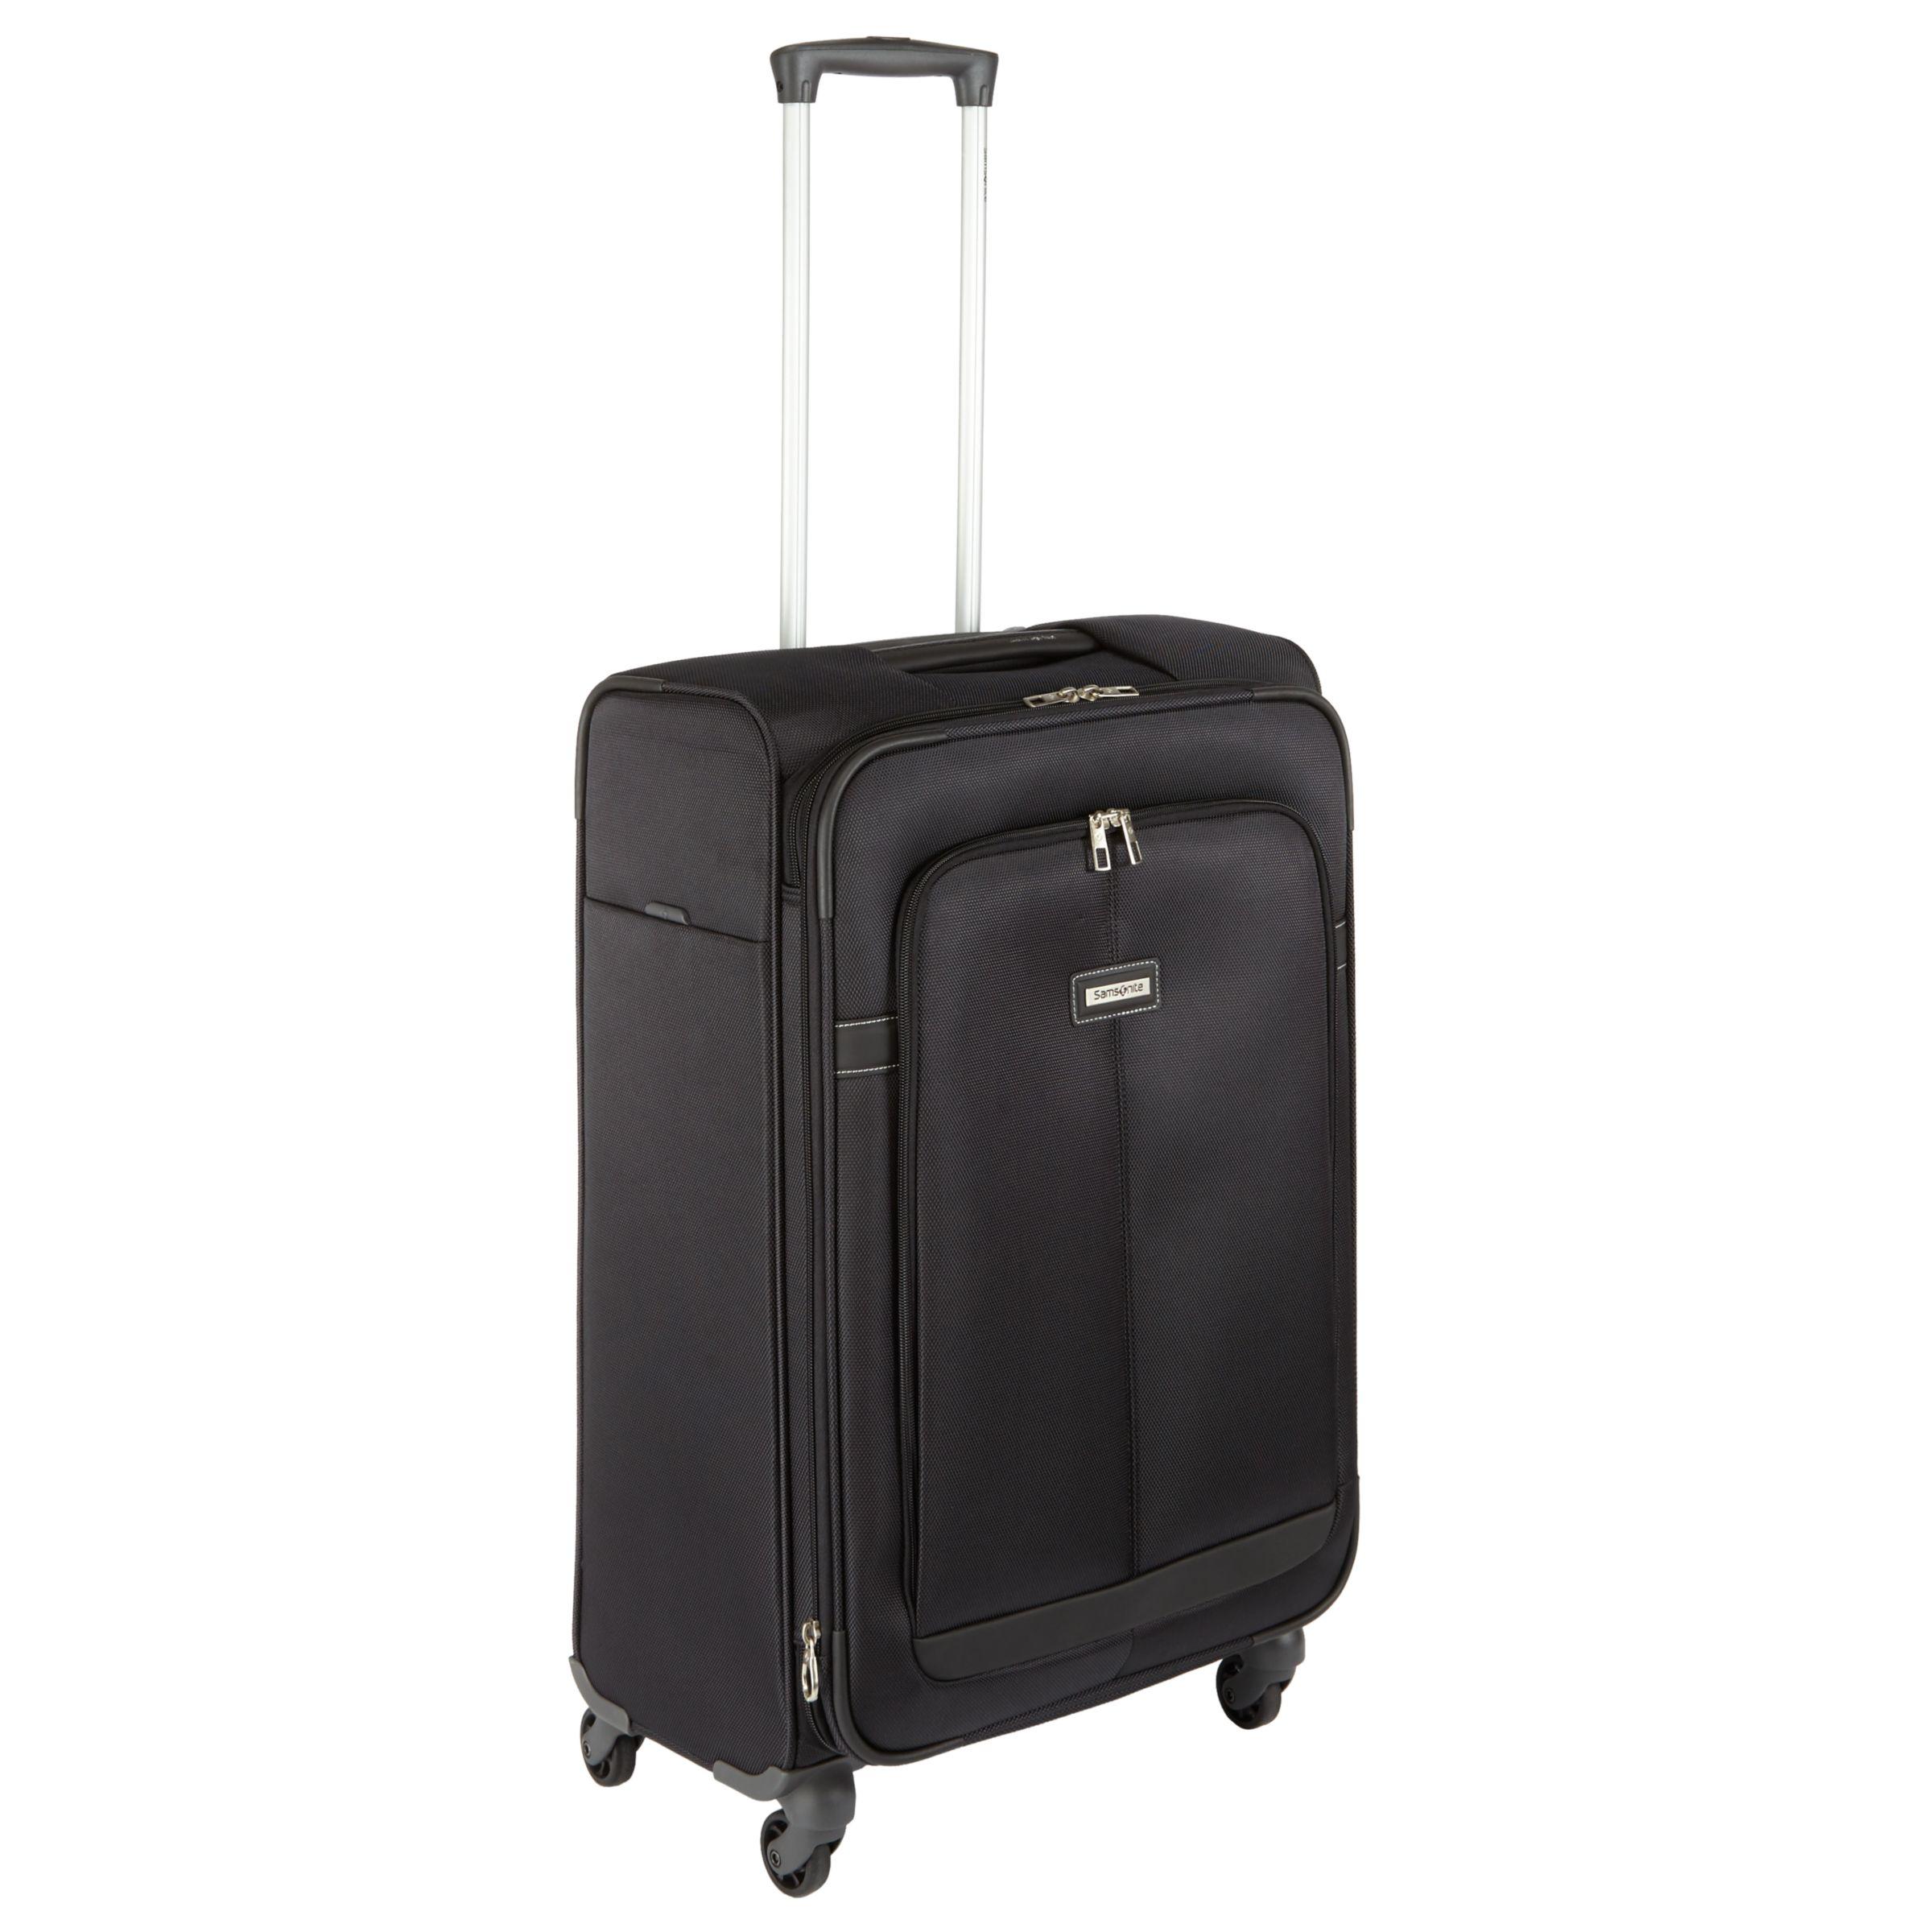 Samsonite Samsonite Caphir 69cm 4-Spinner Wheels Suitcase, Black